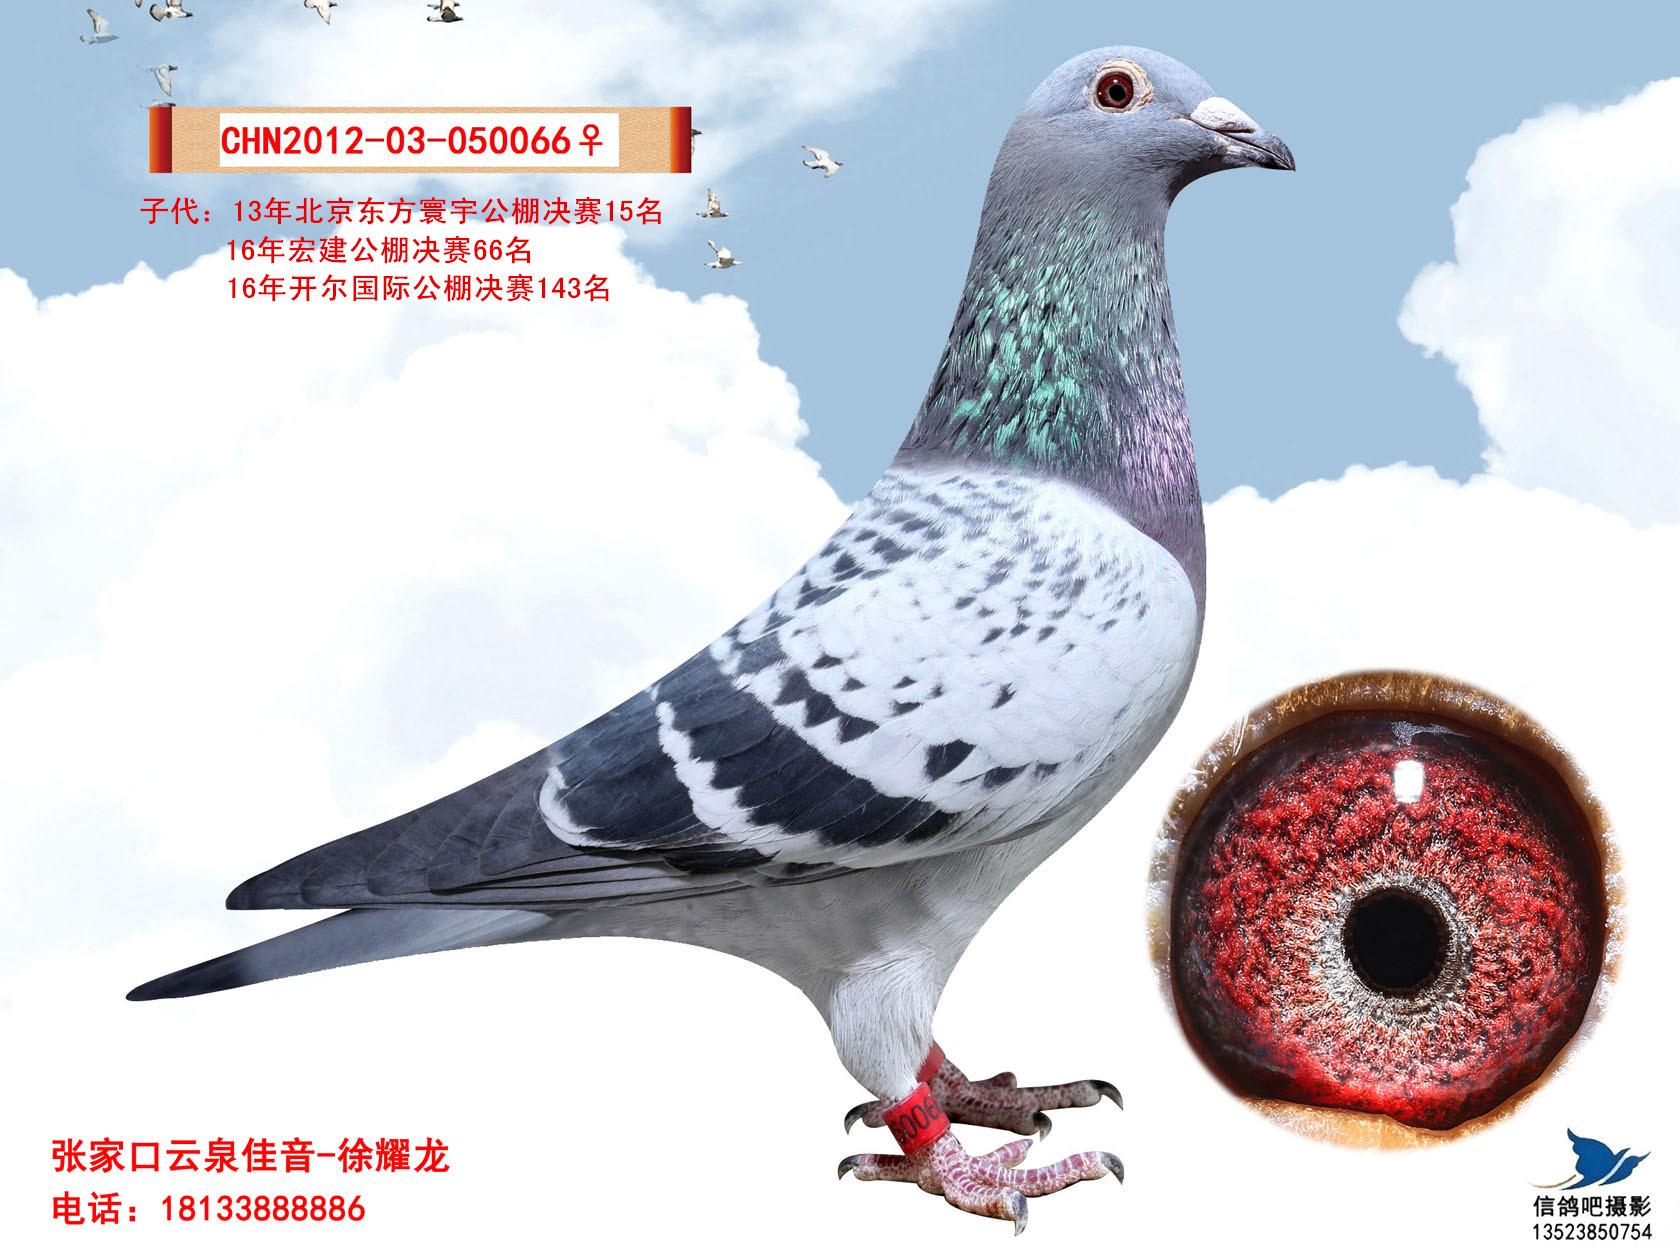 詹森919_云泉佳音-中信网爱鸽商城